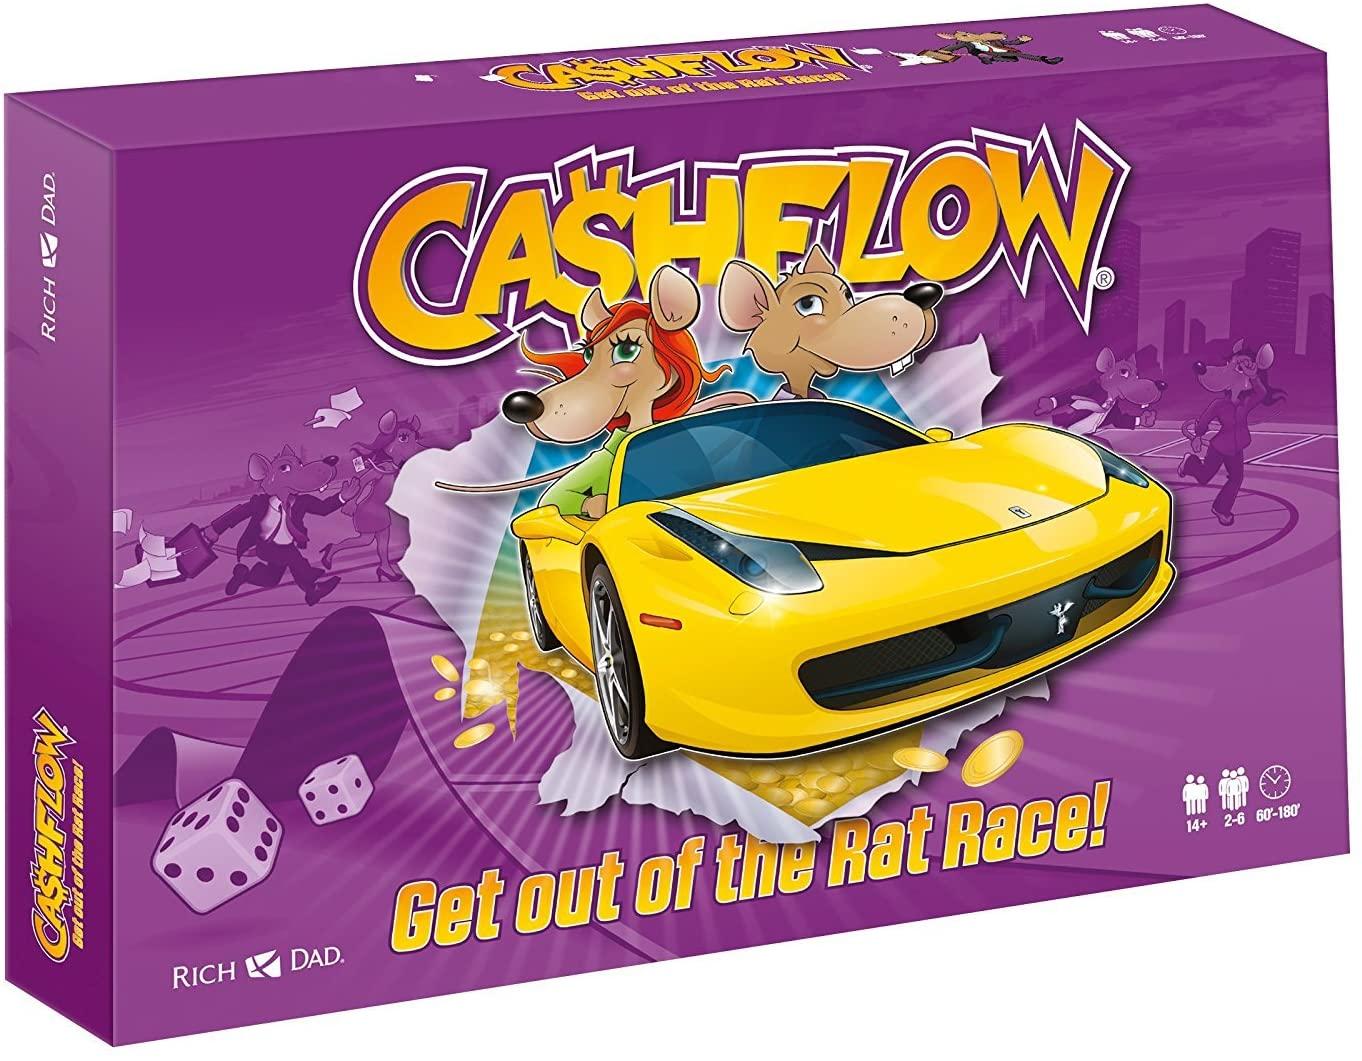 juego-de-mesa-para-aprender-finanzas-cashflow-101.jpg